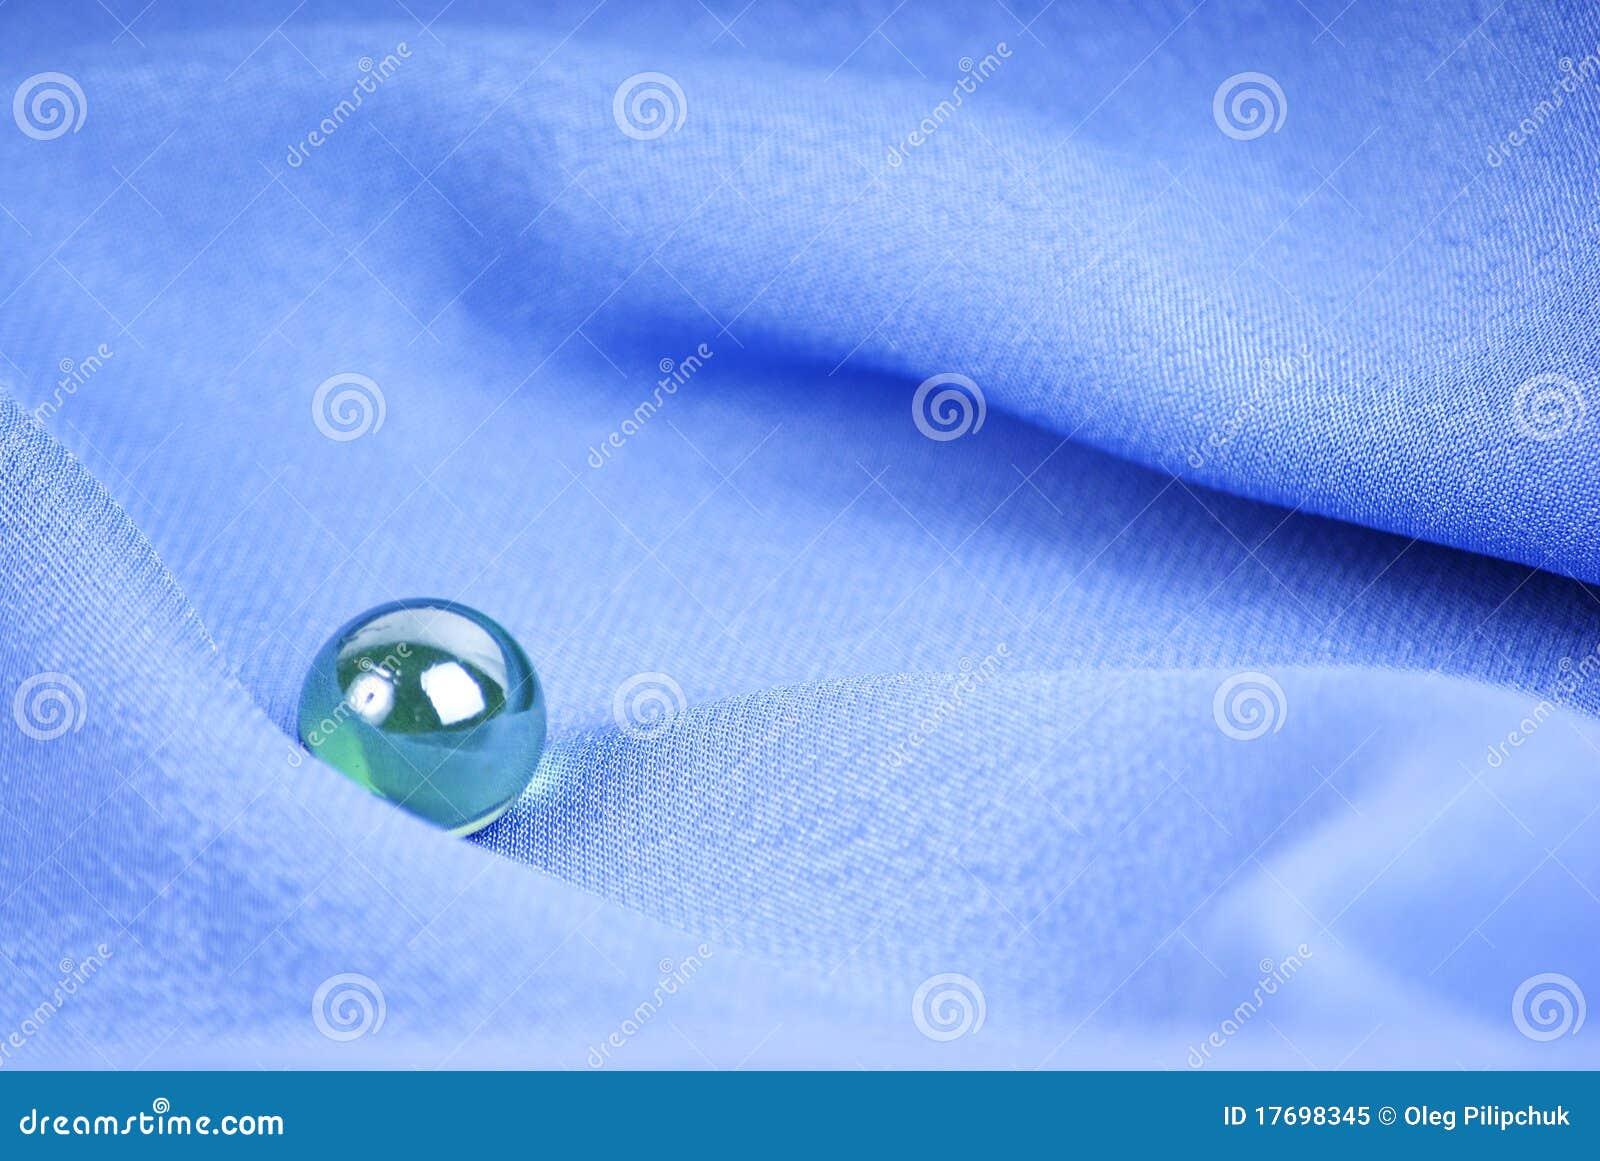 Błękitny jedwabnicza tkanina